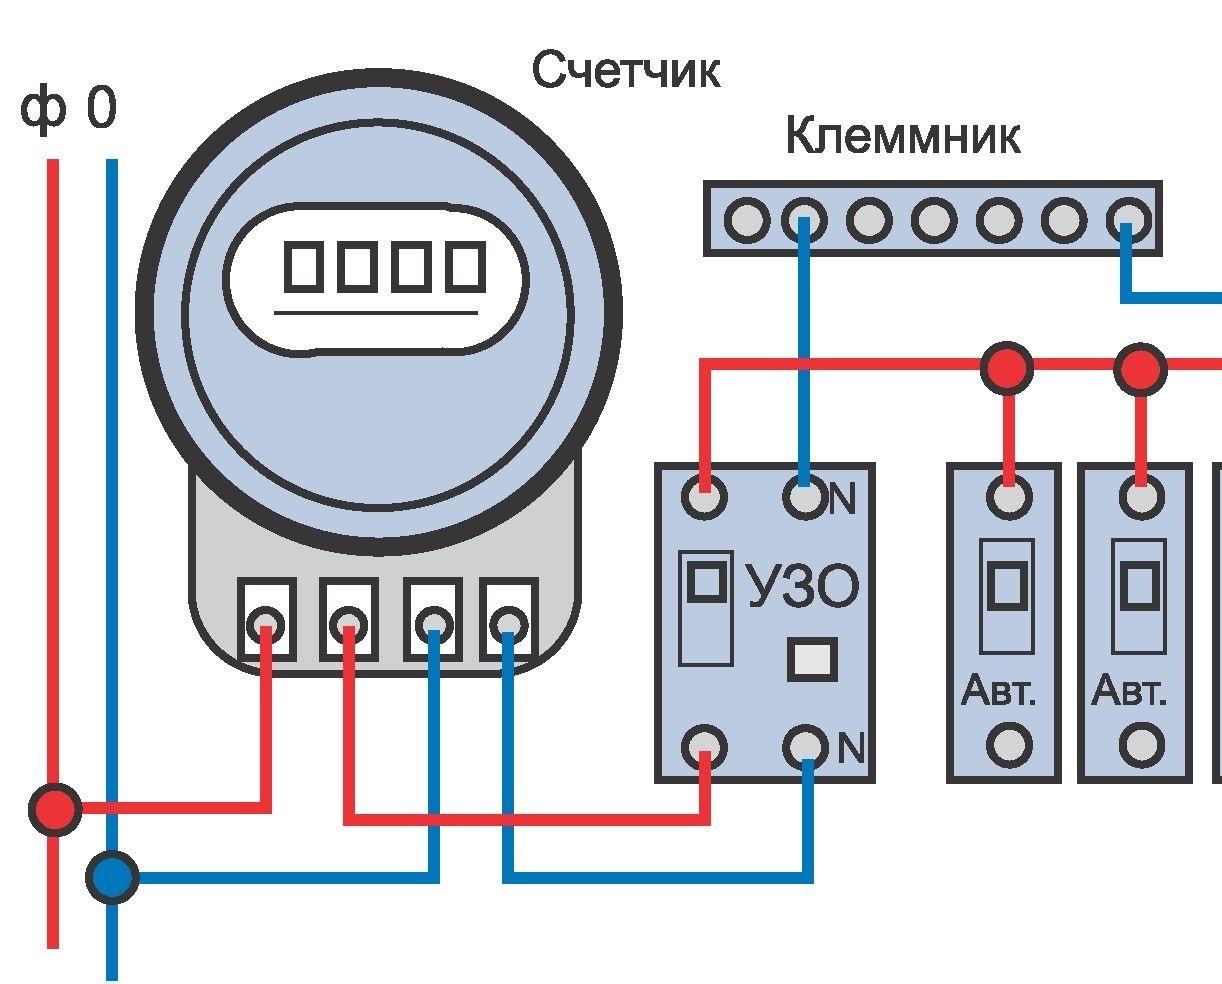 Схема подключения УЗО к счетчику электроэнергии